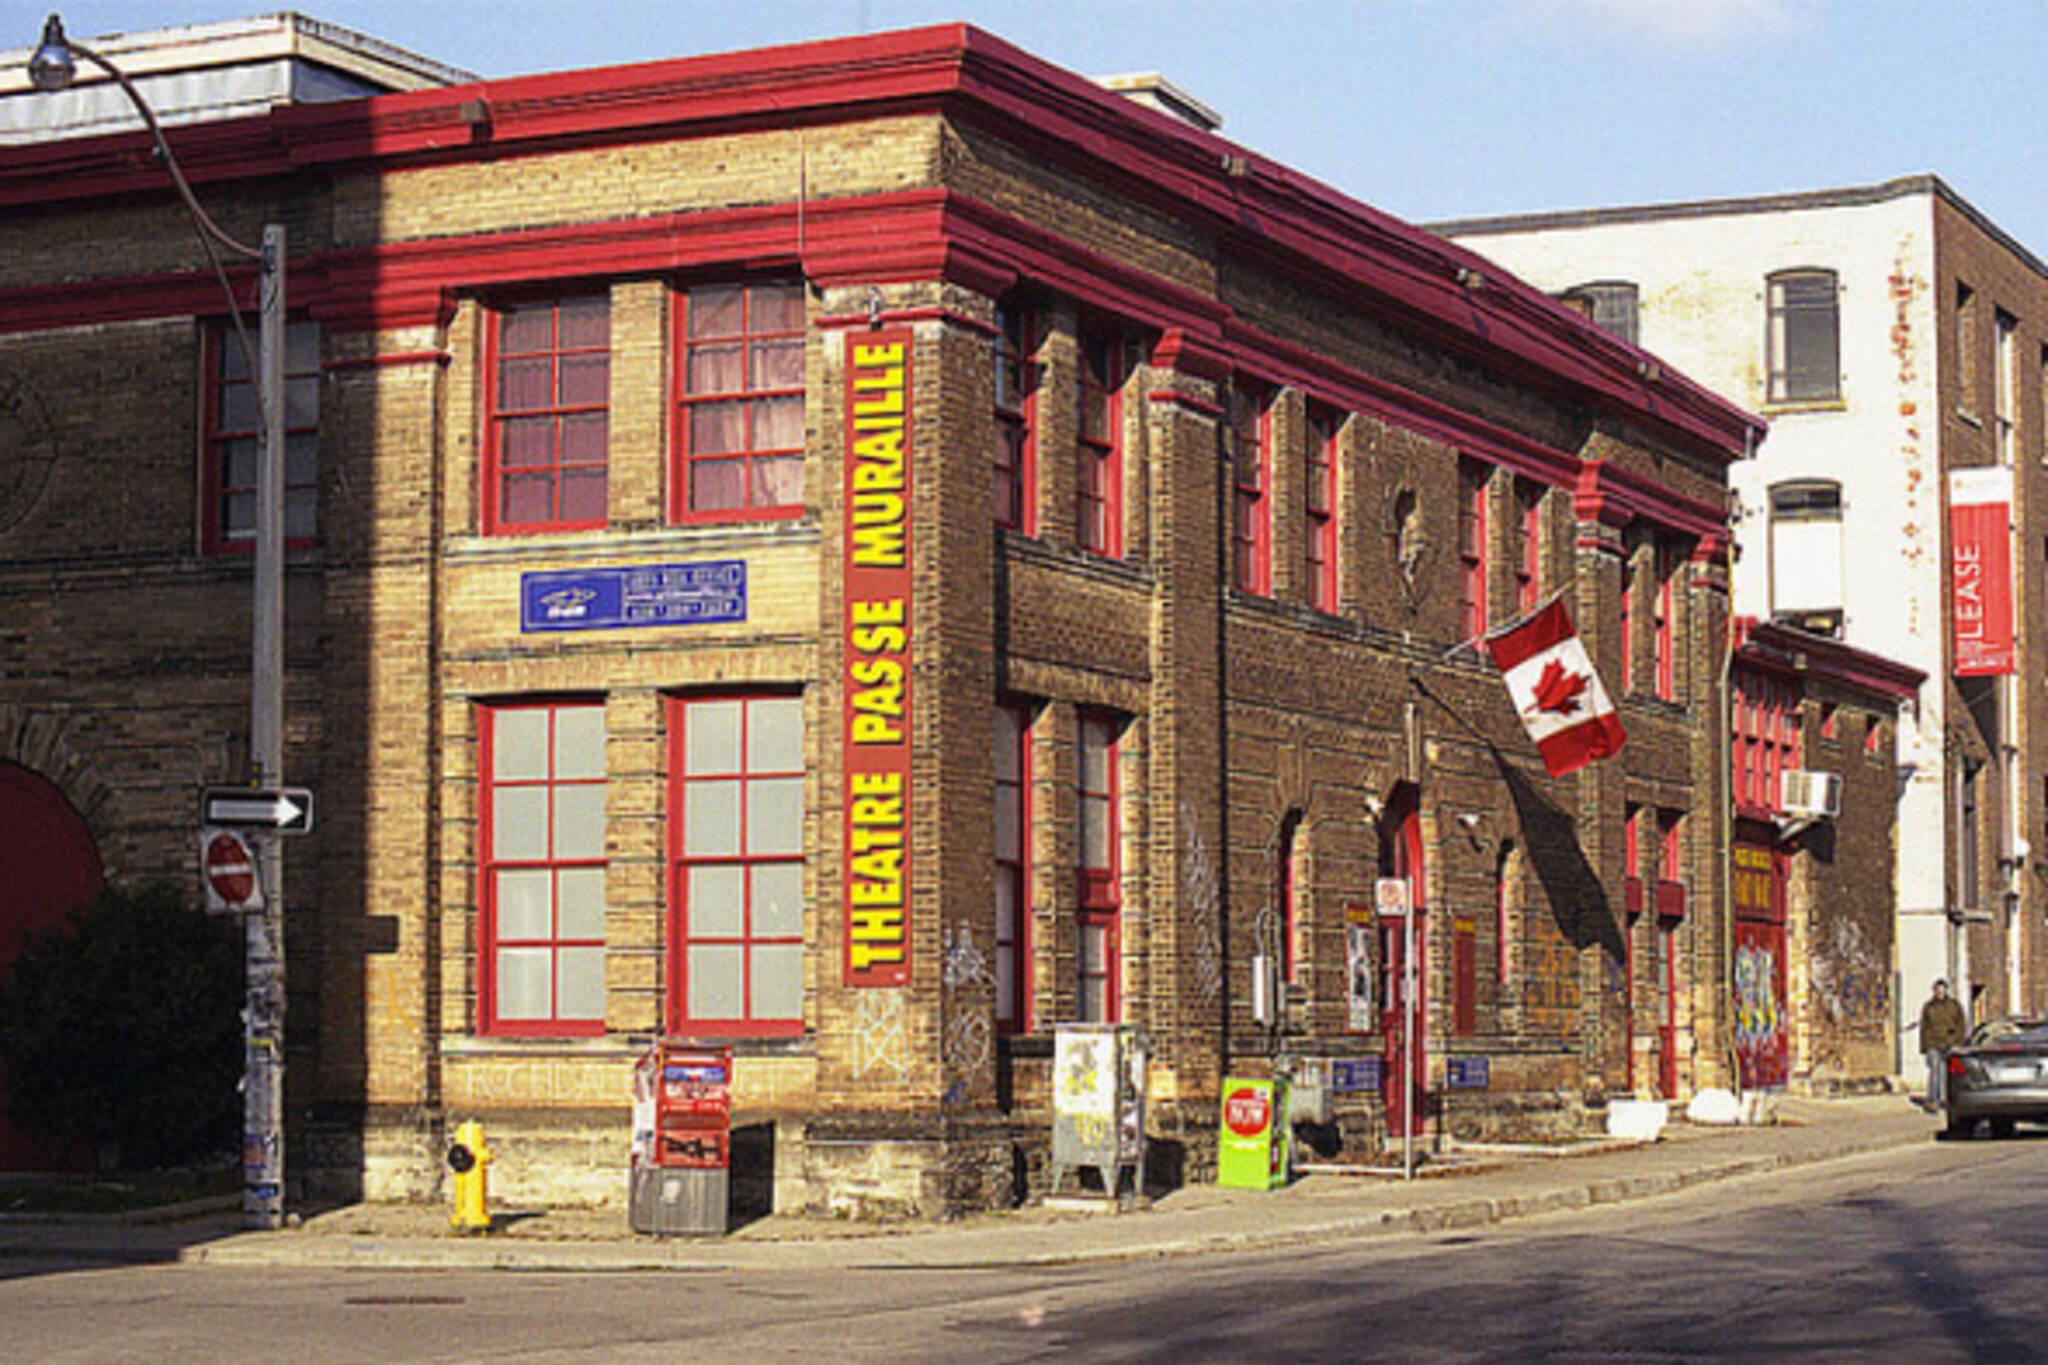 Toronto theatre